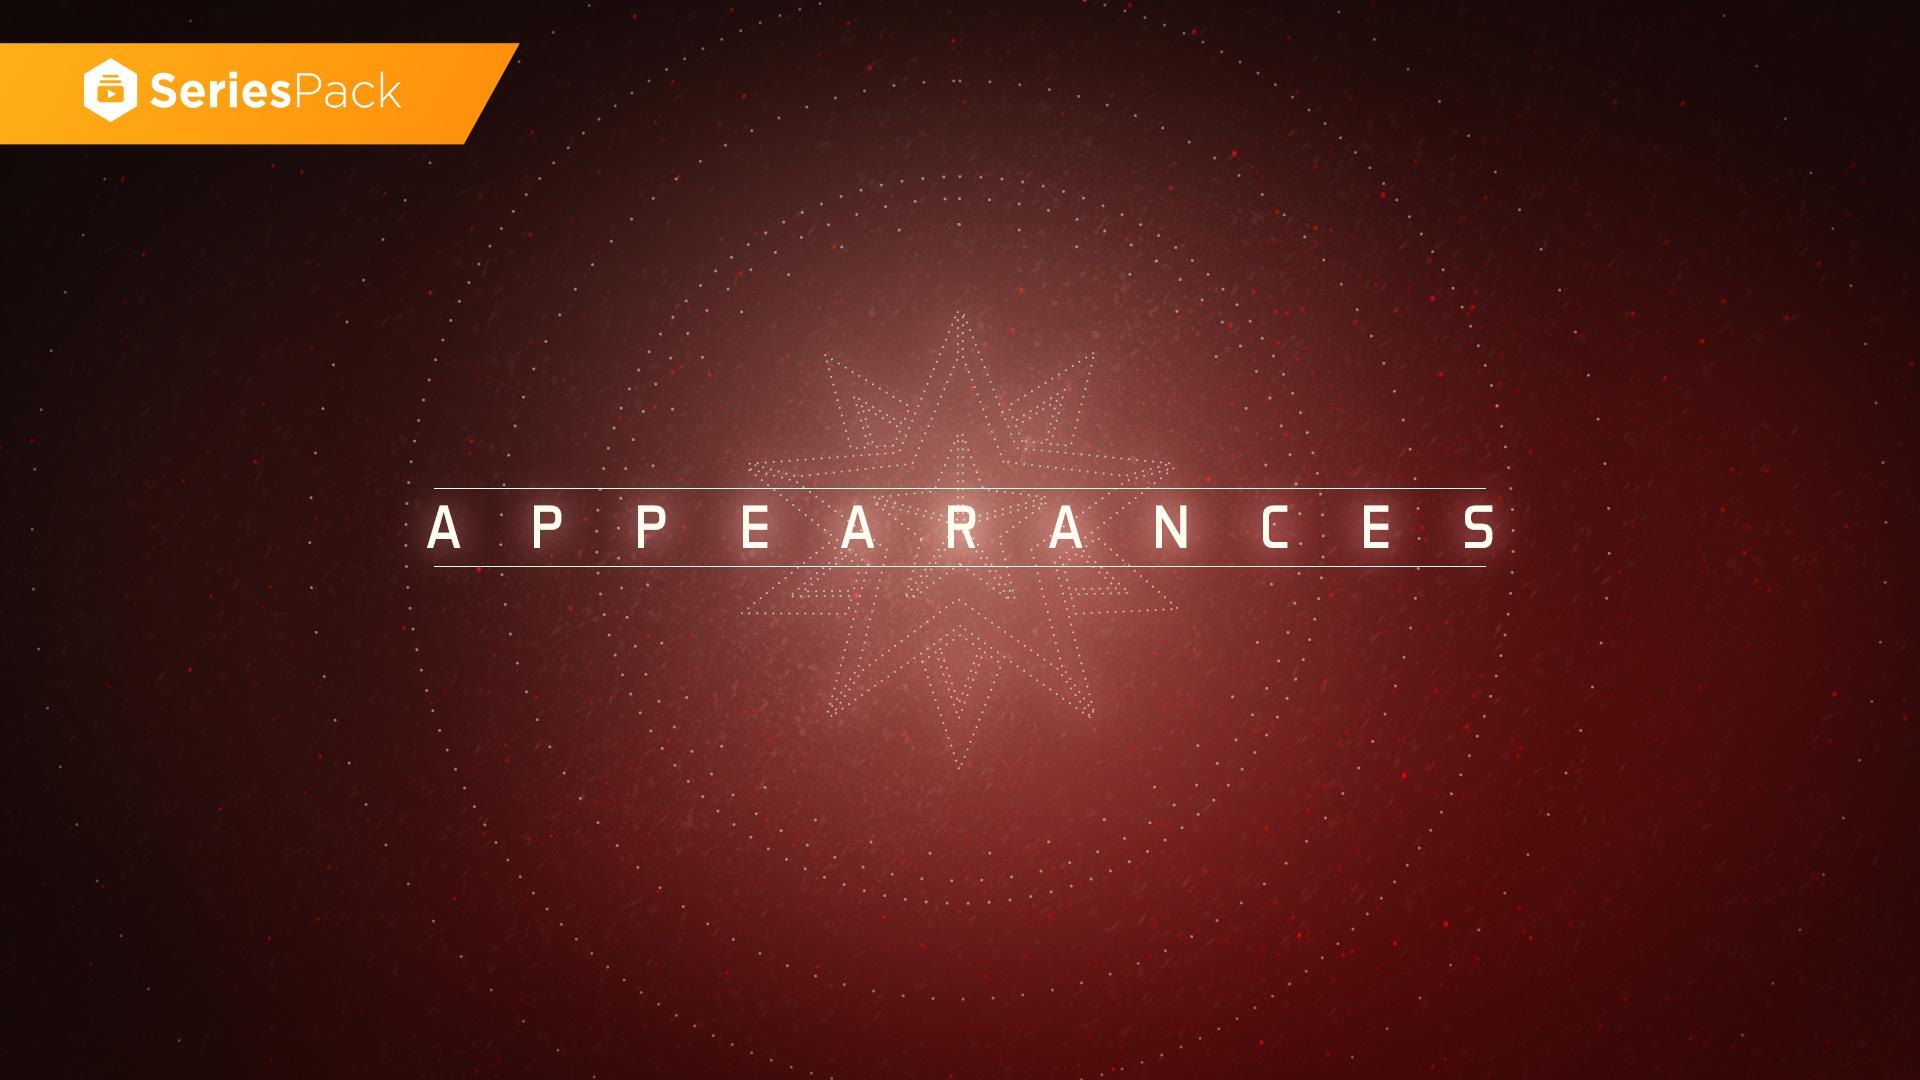 Apnc Series Preview 1